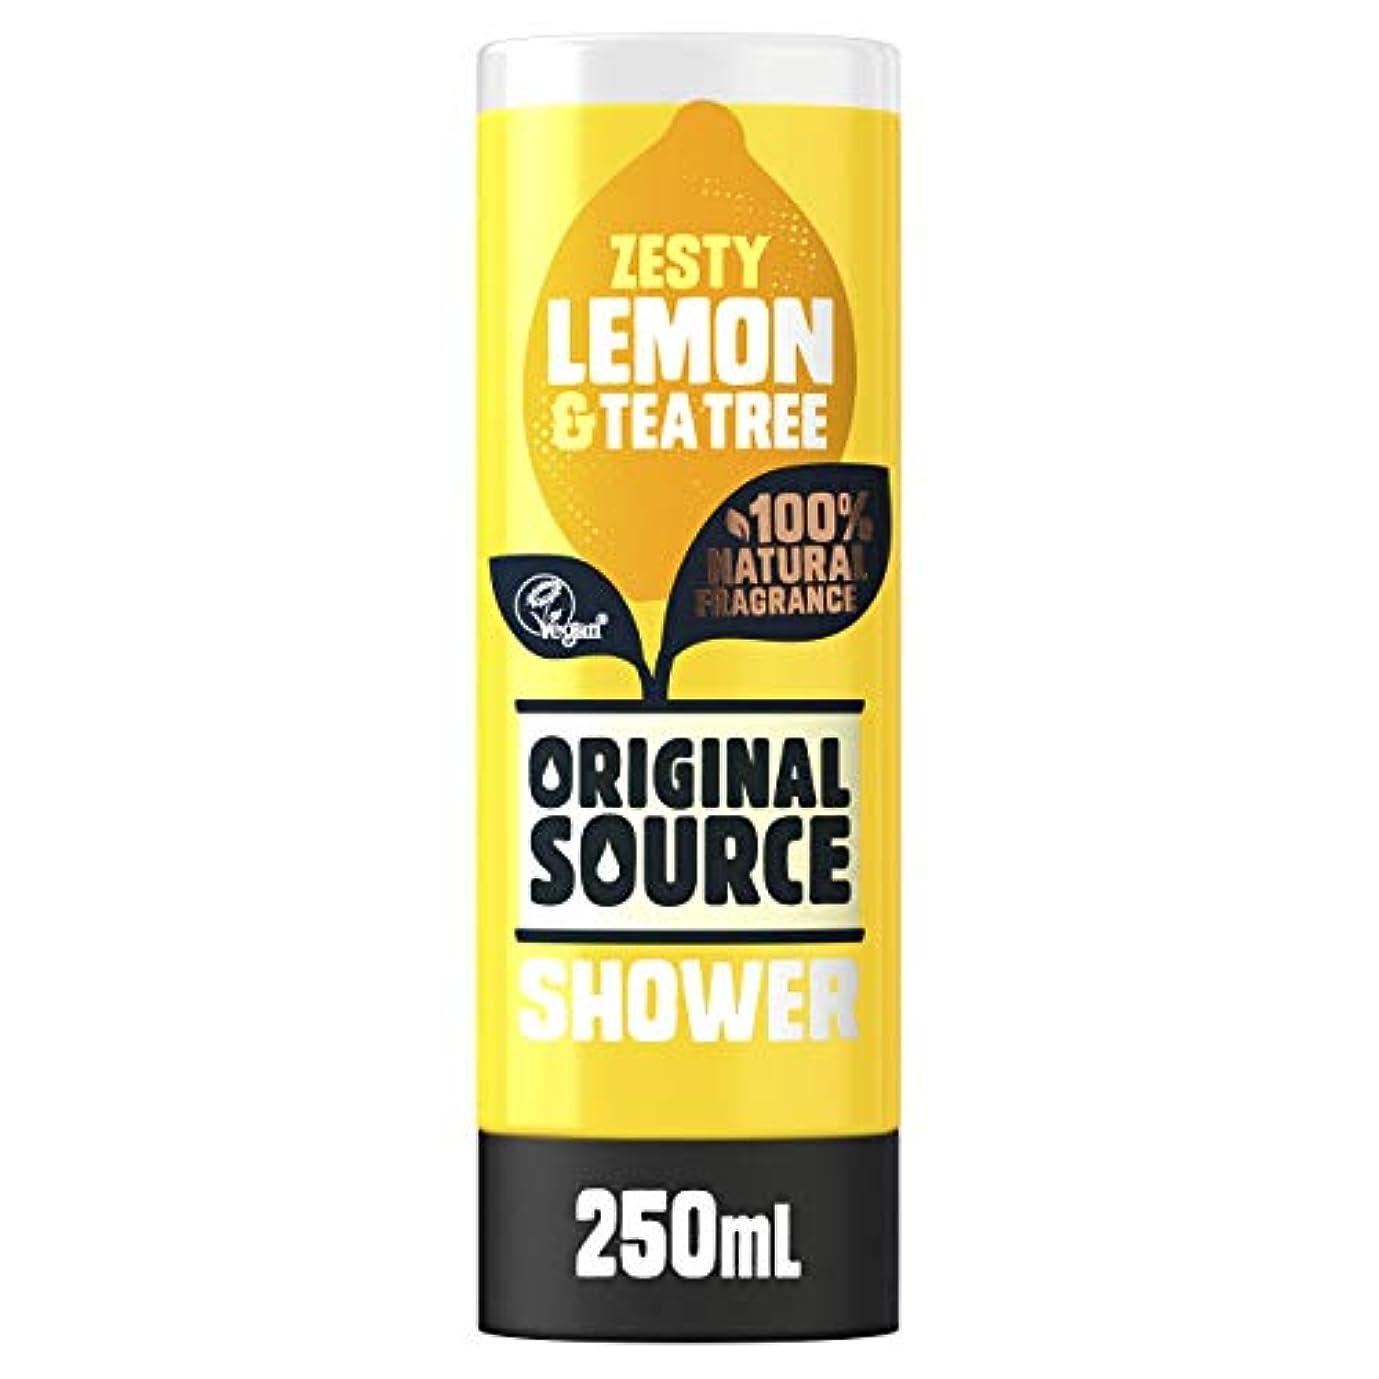 発表好き暴動Cussons Lemon and Tea Tree Original Source Shower Gel by PZ CUSSONS (UK) LTD